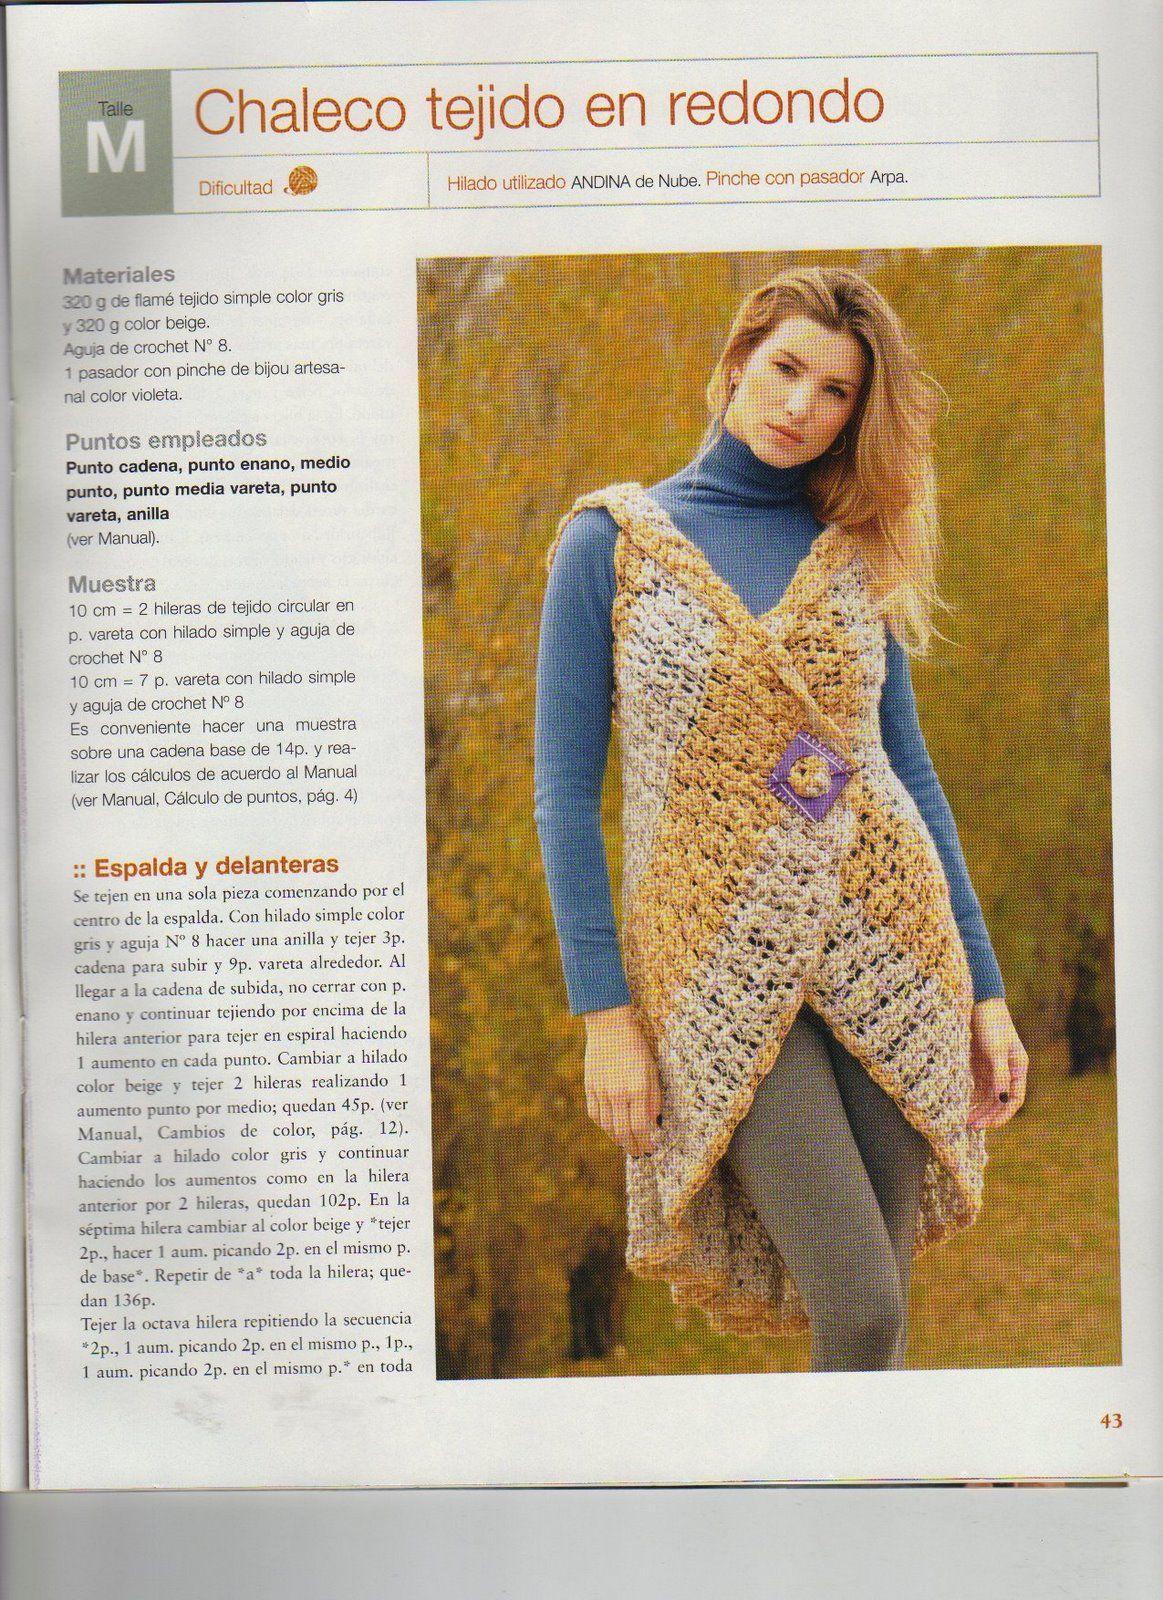 Pin de Maria Hernandez en Crochet | Pinterest | Bella, Patrones y ...